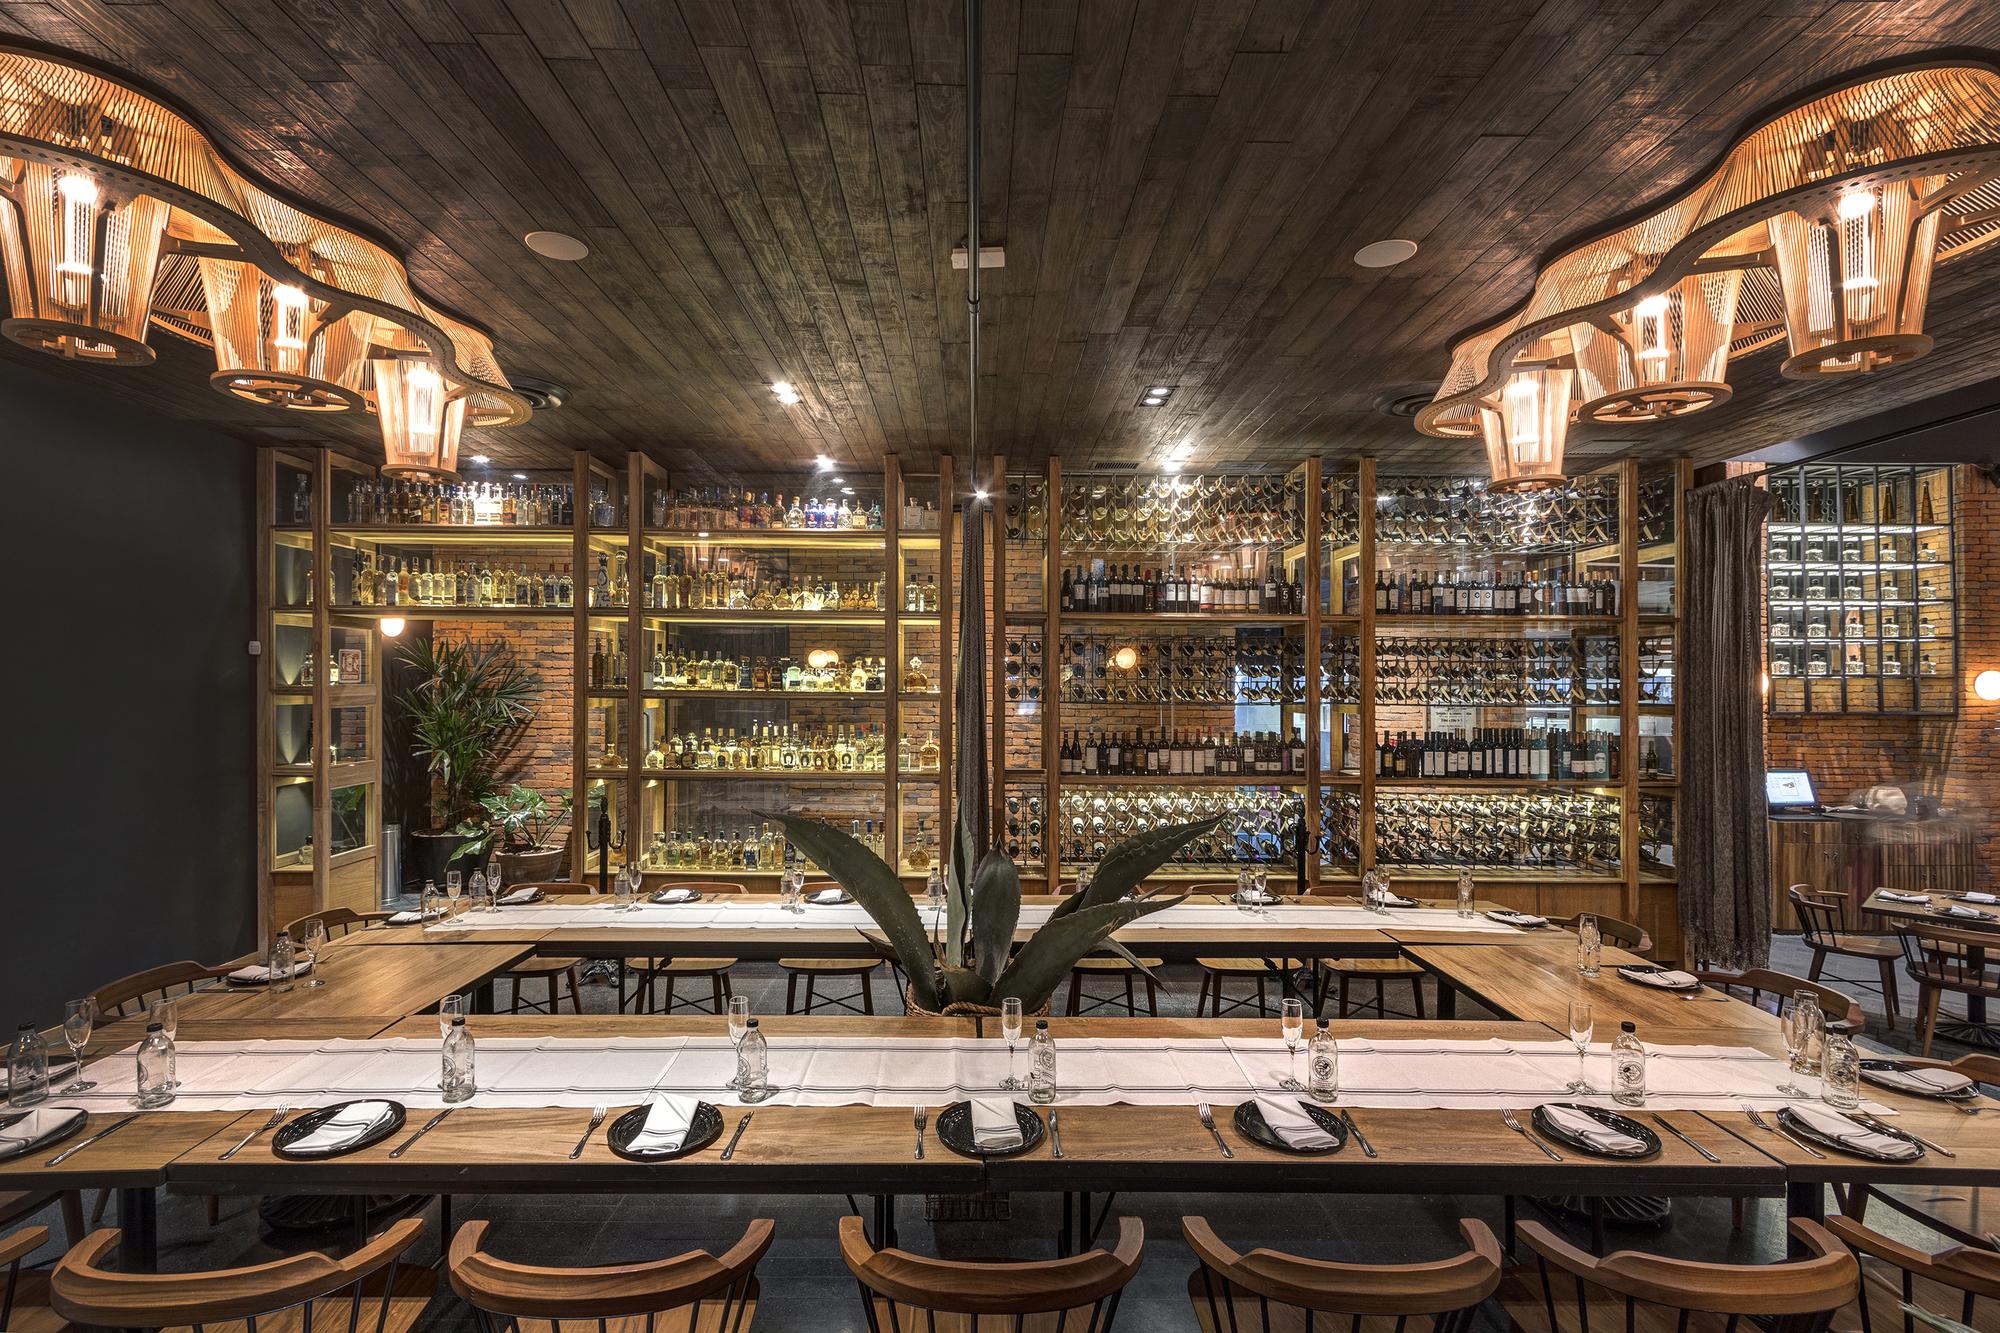 restaurante la tequila le n le n orraca arquitectos